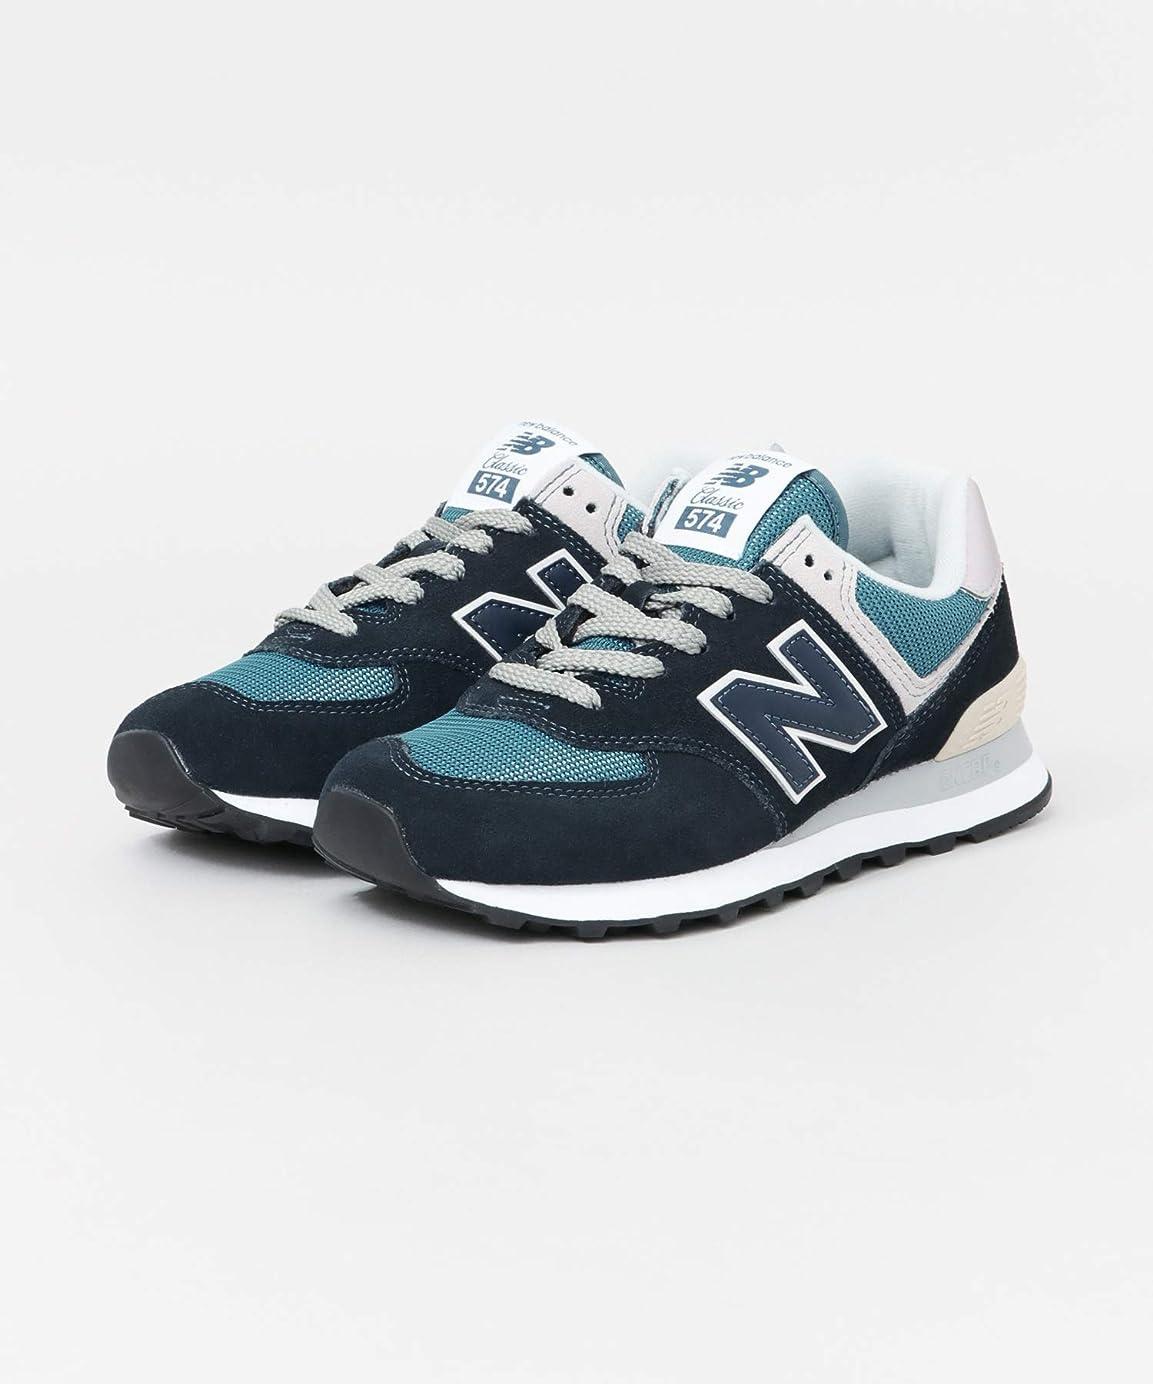 放送暴君赤ちゃん[サニーレーベル] 靴 スニーカー NEW BALANCE ML574 レディース